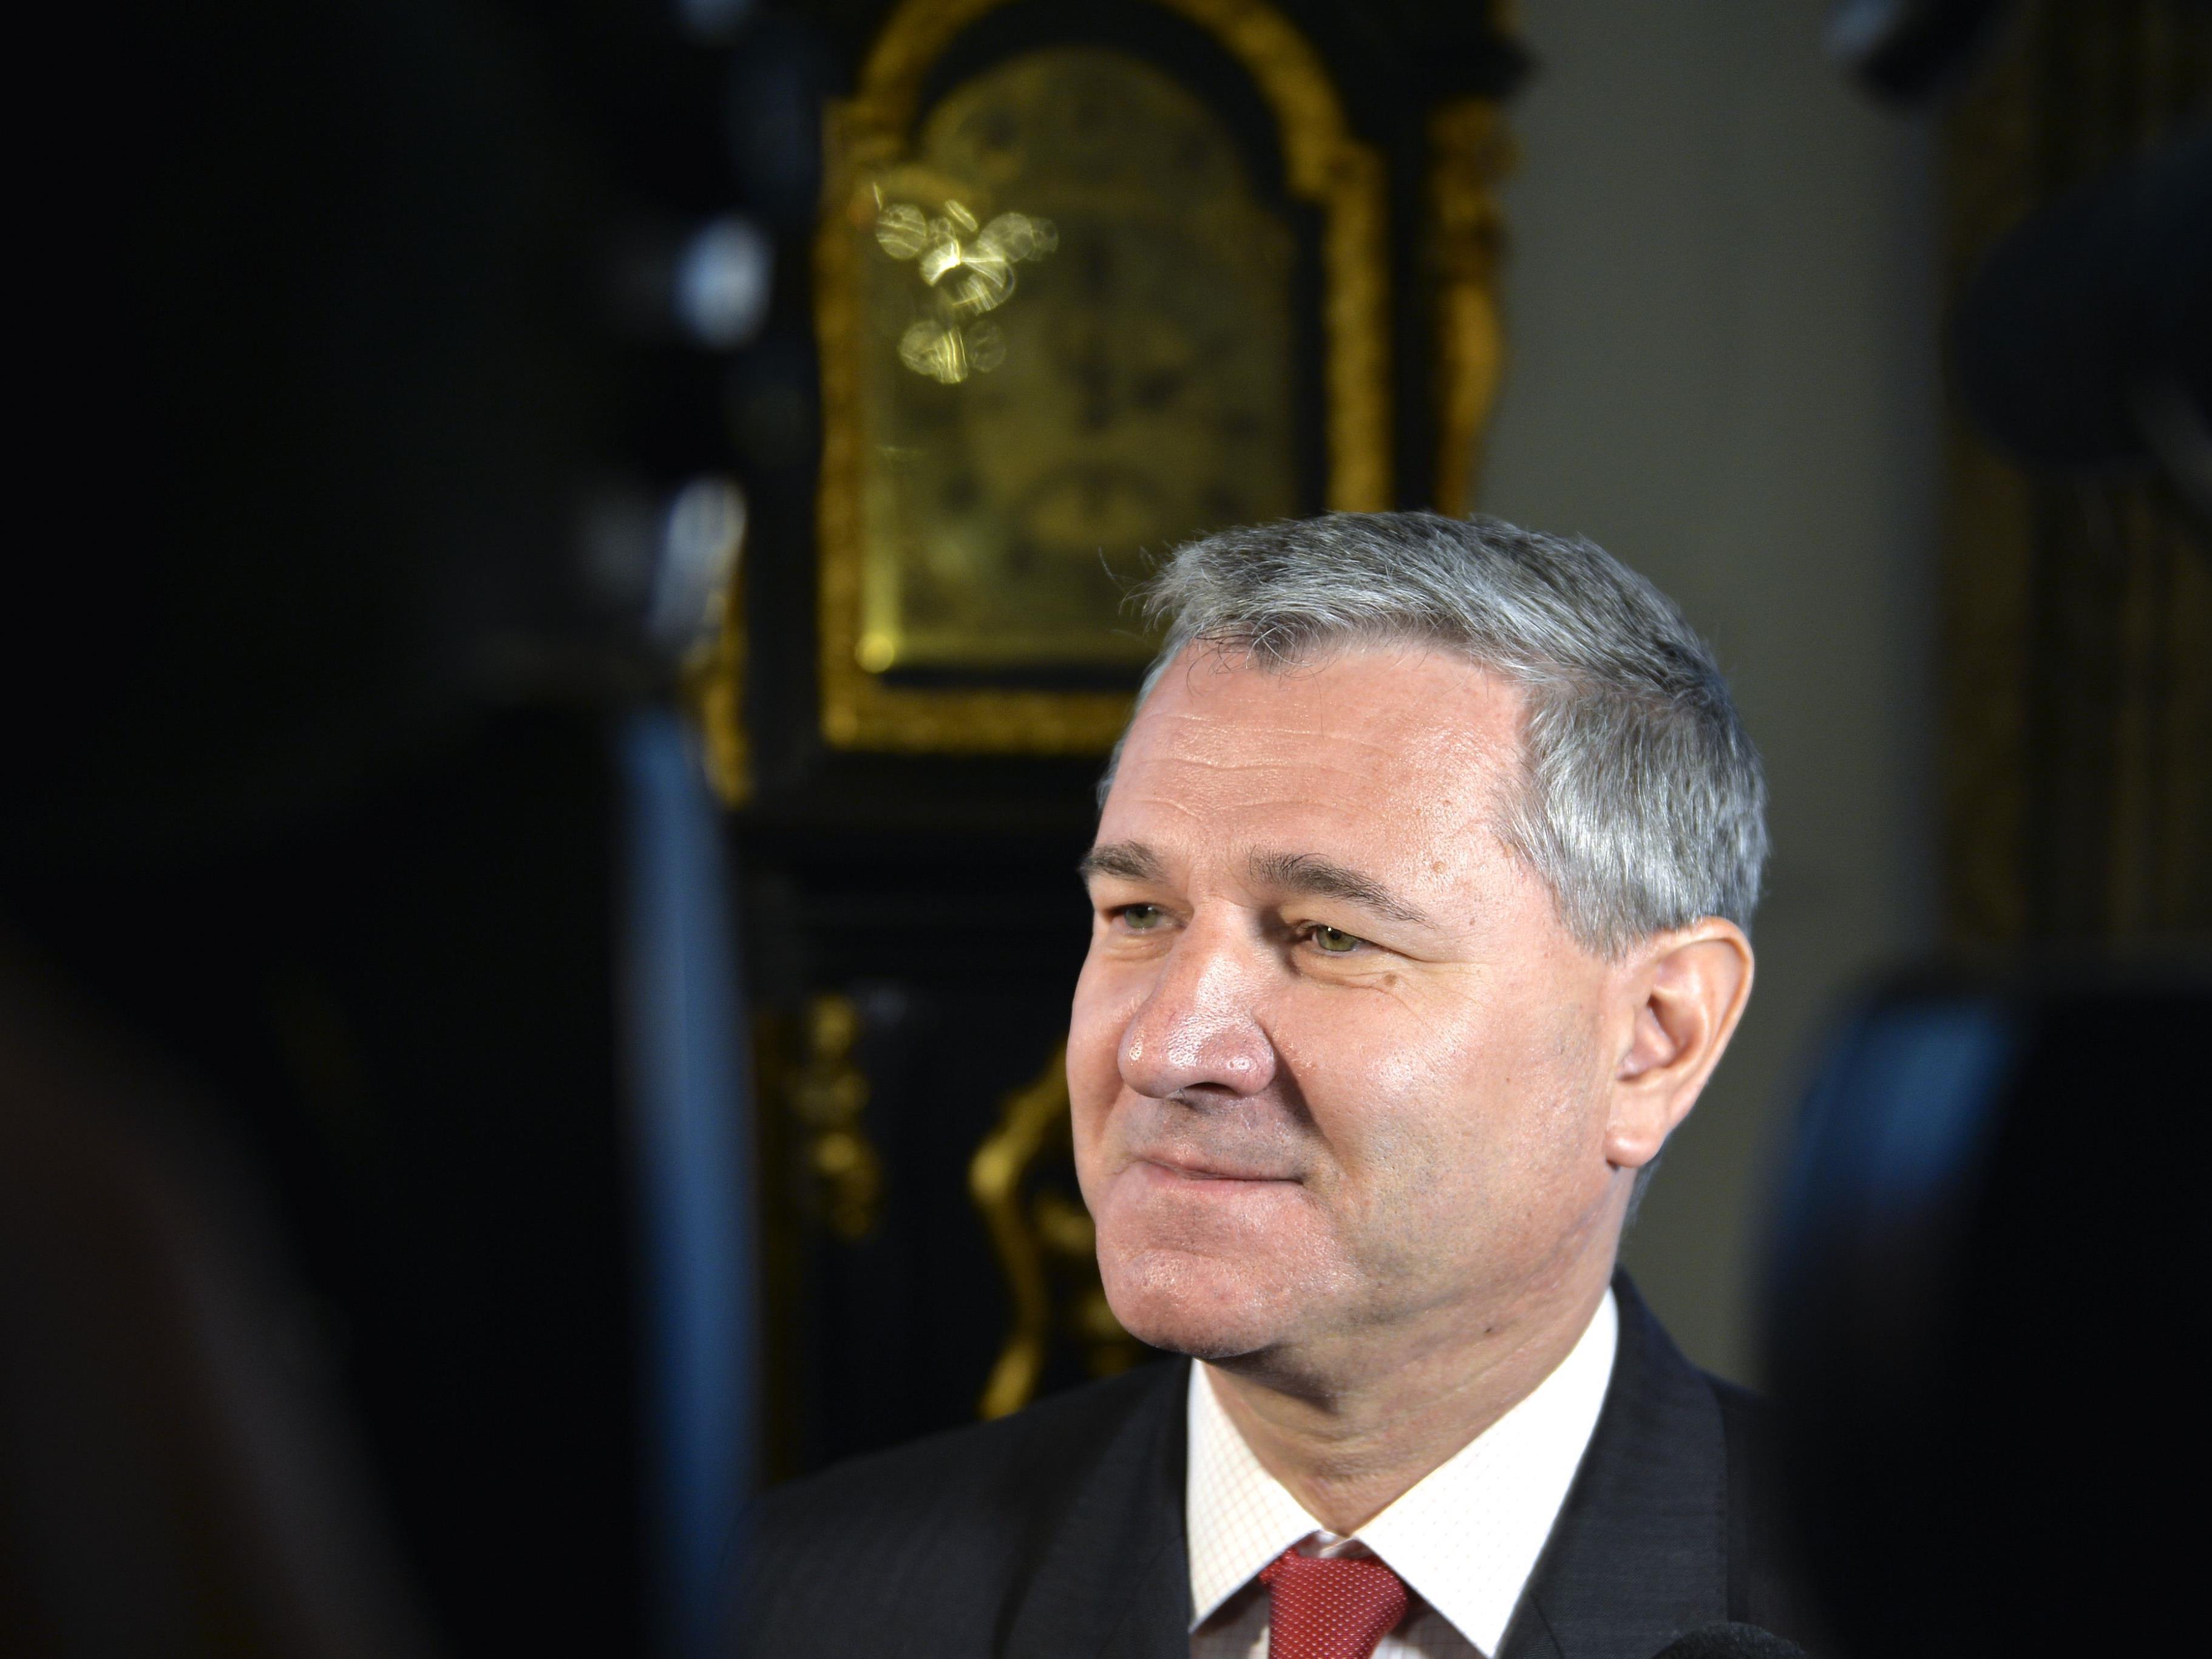 Bundesgeschäftsführer Georg Niedermühlbichler äußerte sich ui Koalitionsoptionen